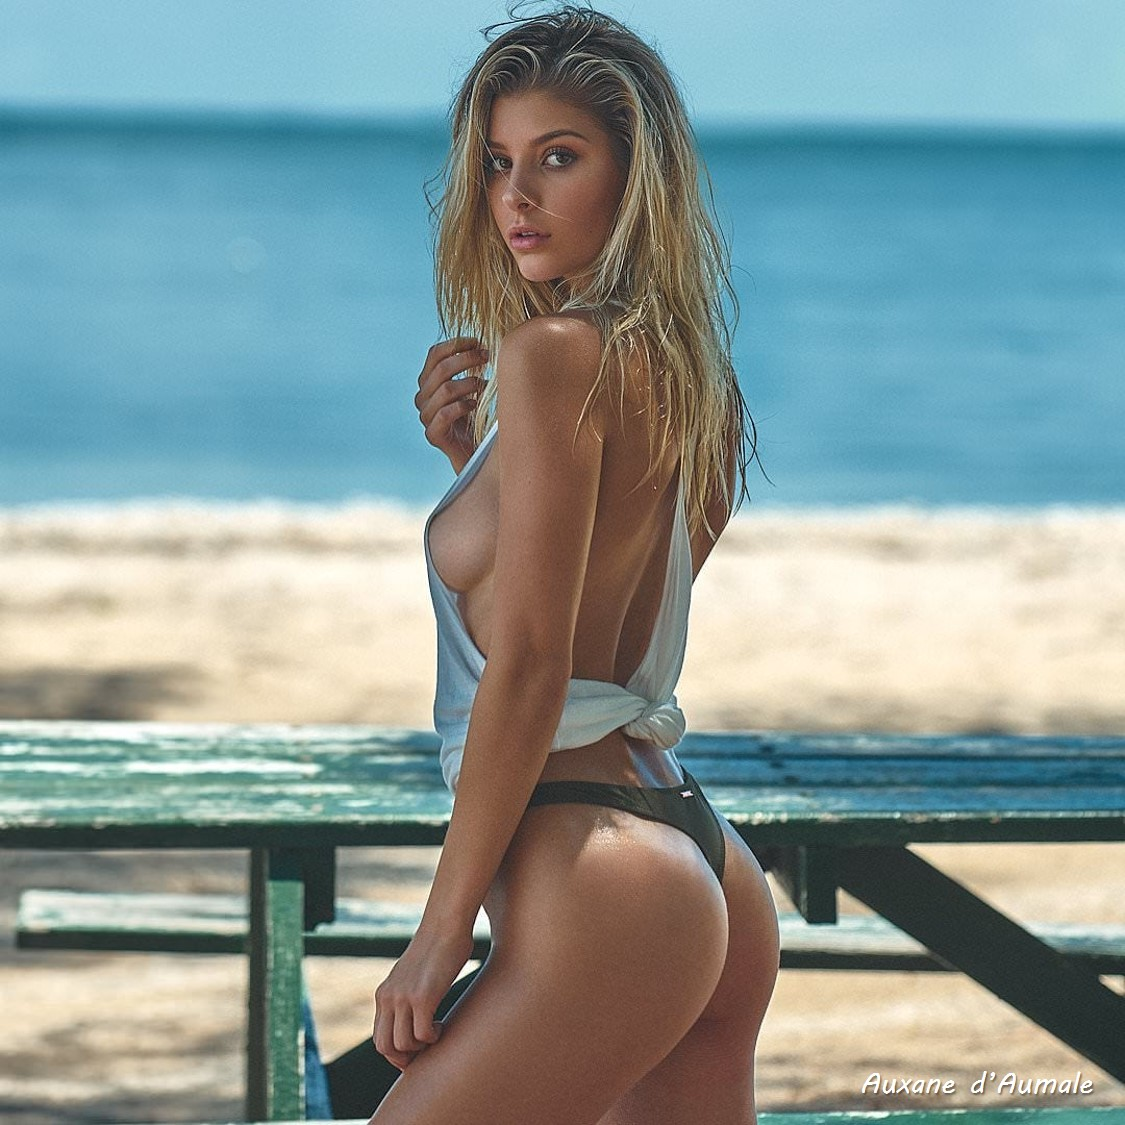 cool, a little bit sexy girl